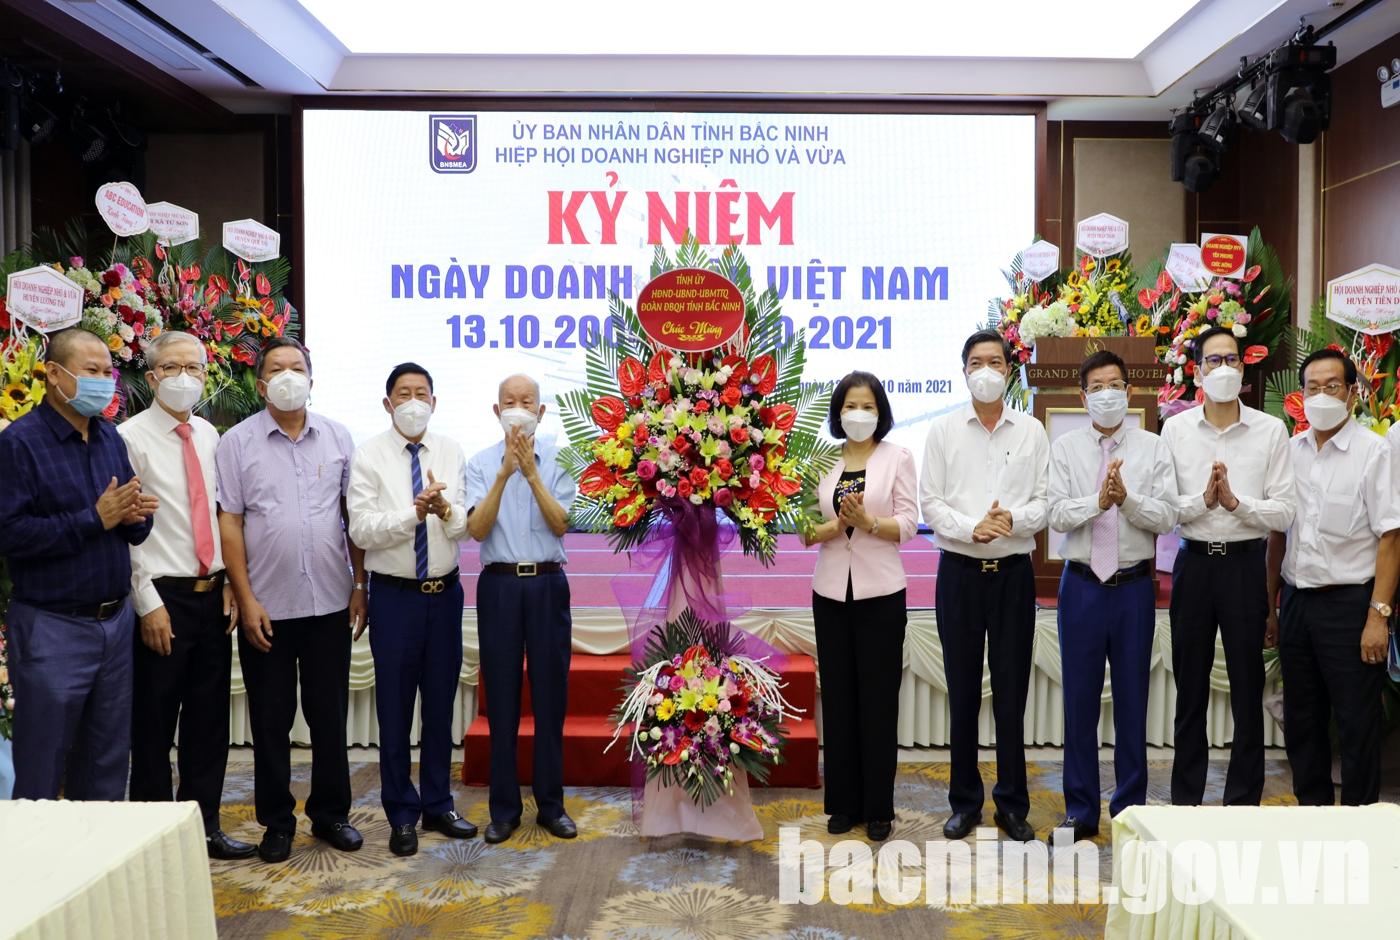 Chủ tịch UBND tỉnh Nguyễn Hương Giang thăm, chúc mừng Ngày Doanh nhân Việt Nam